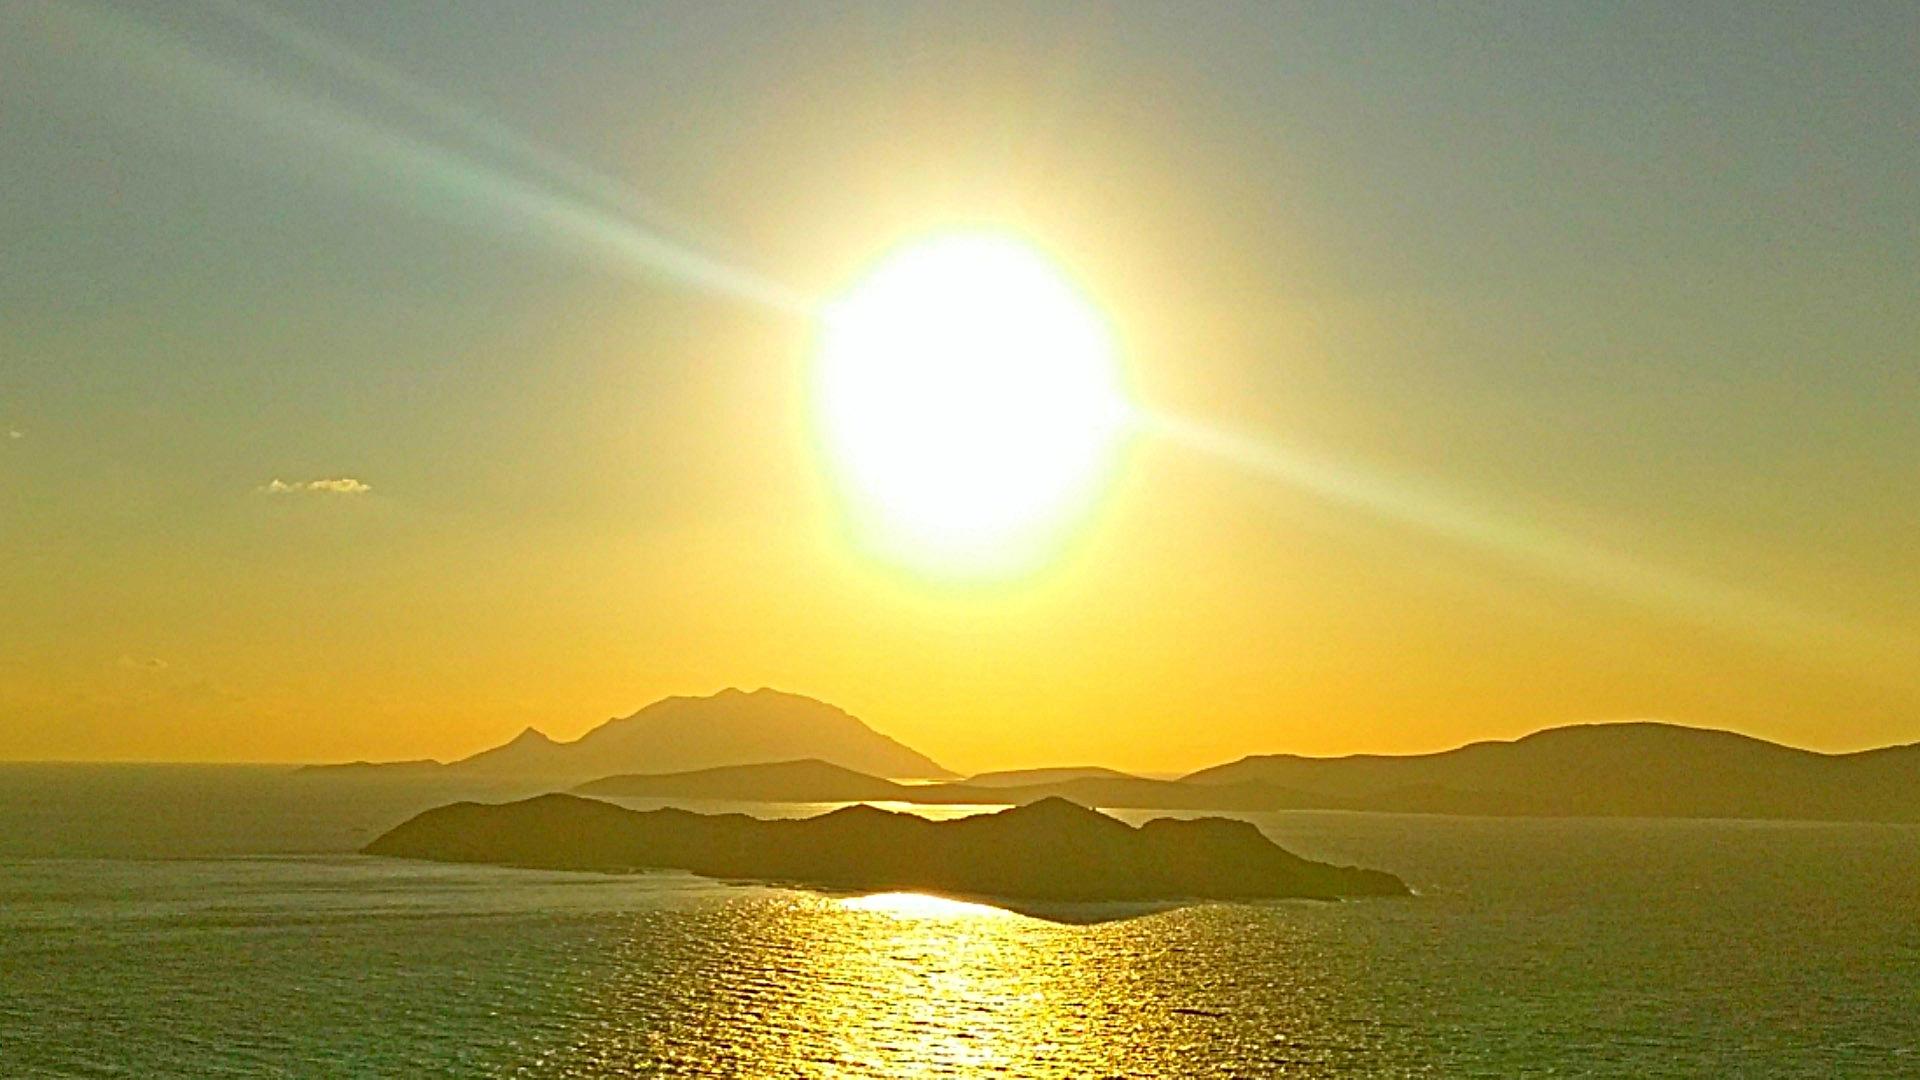 остров Родос, закат, Греция, фото Александр Фоков, Минск